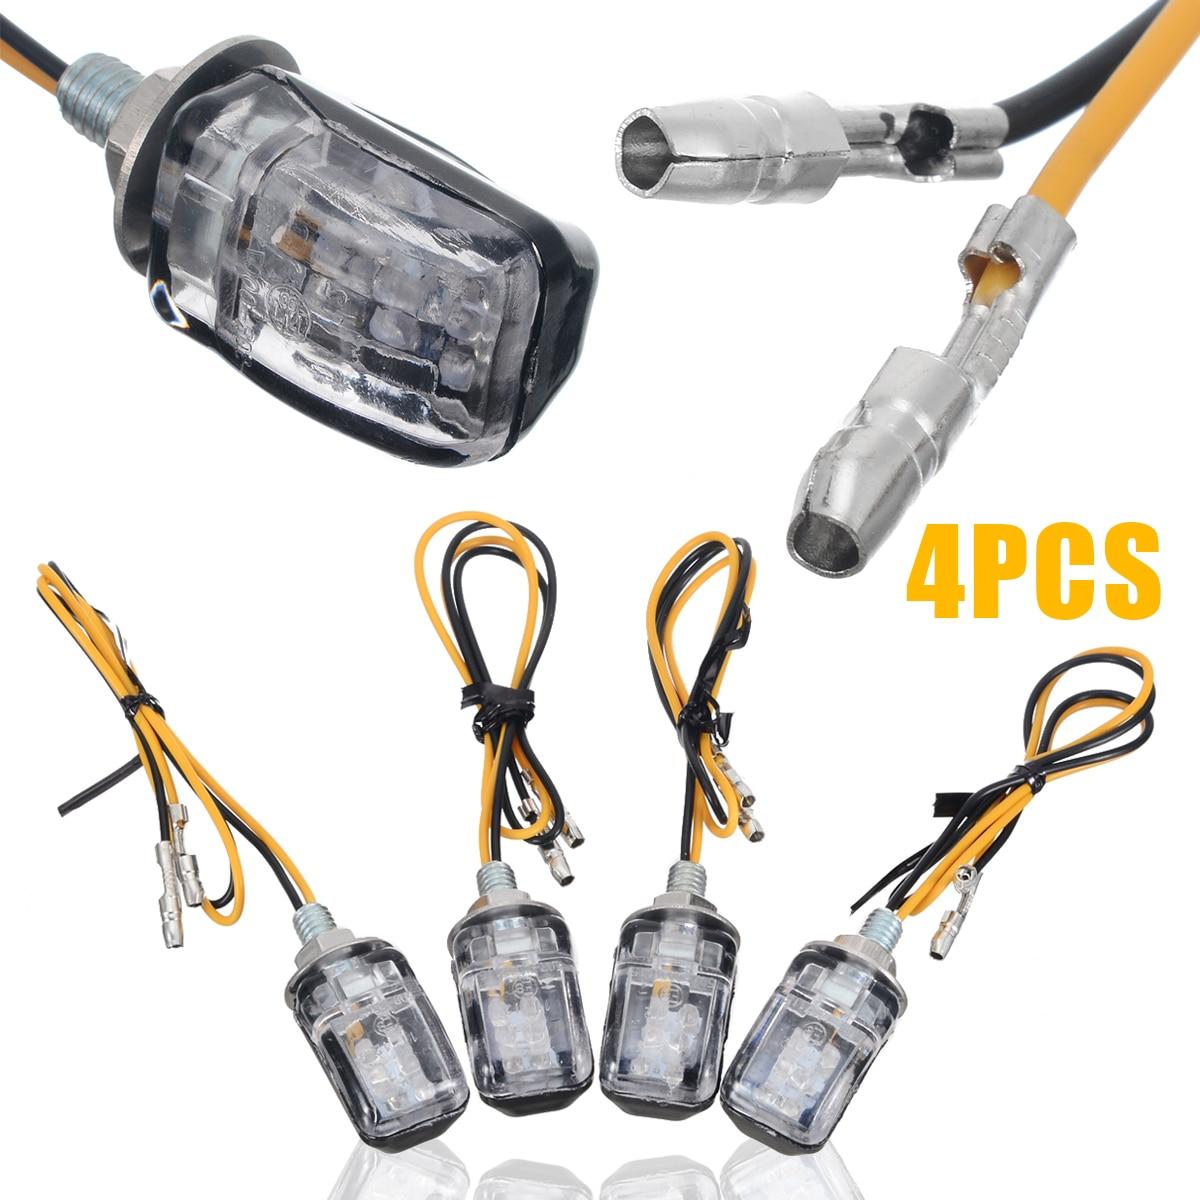 4pcs 12V Amber LED Motorcycle Dirt Bike Turn Signal Light  Mini Blinker Indicator Small Rectangular Lamp 2 wires For Honda